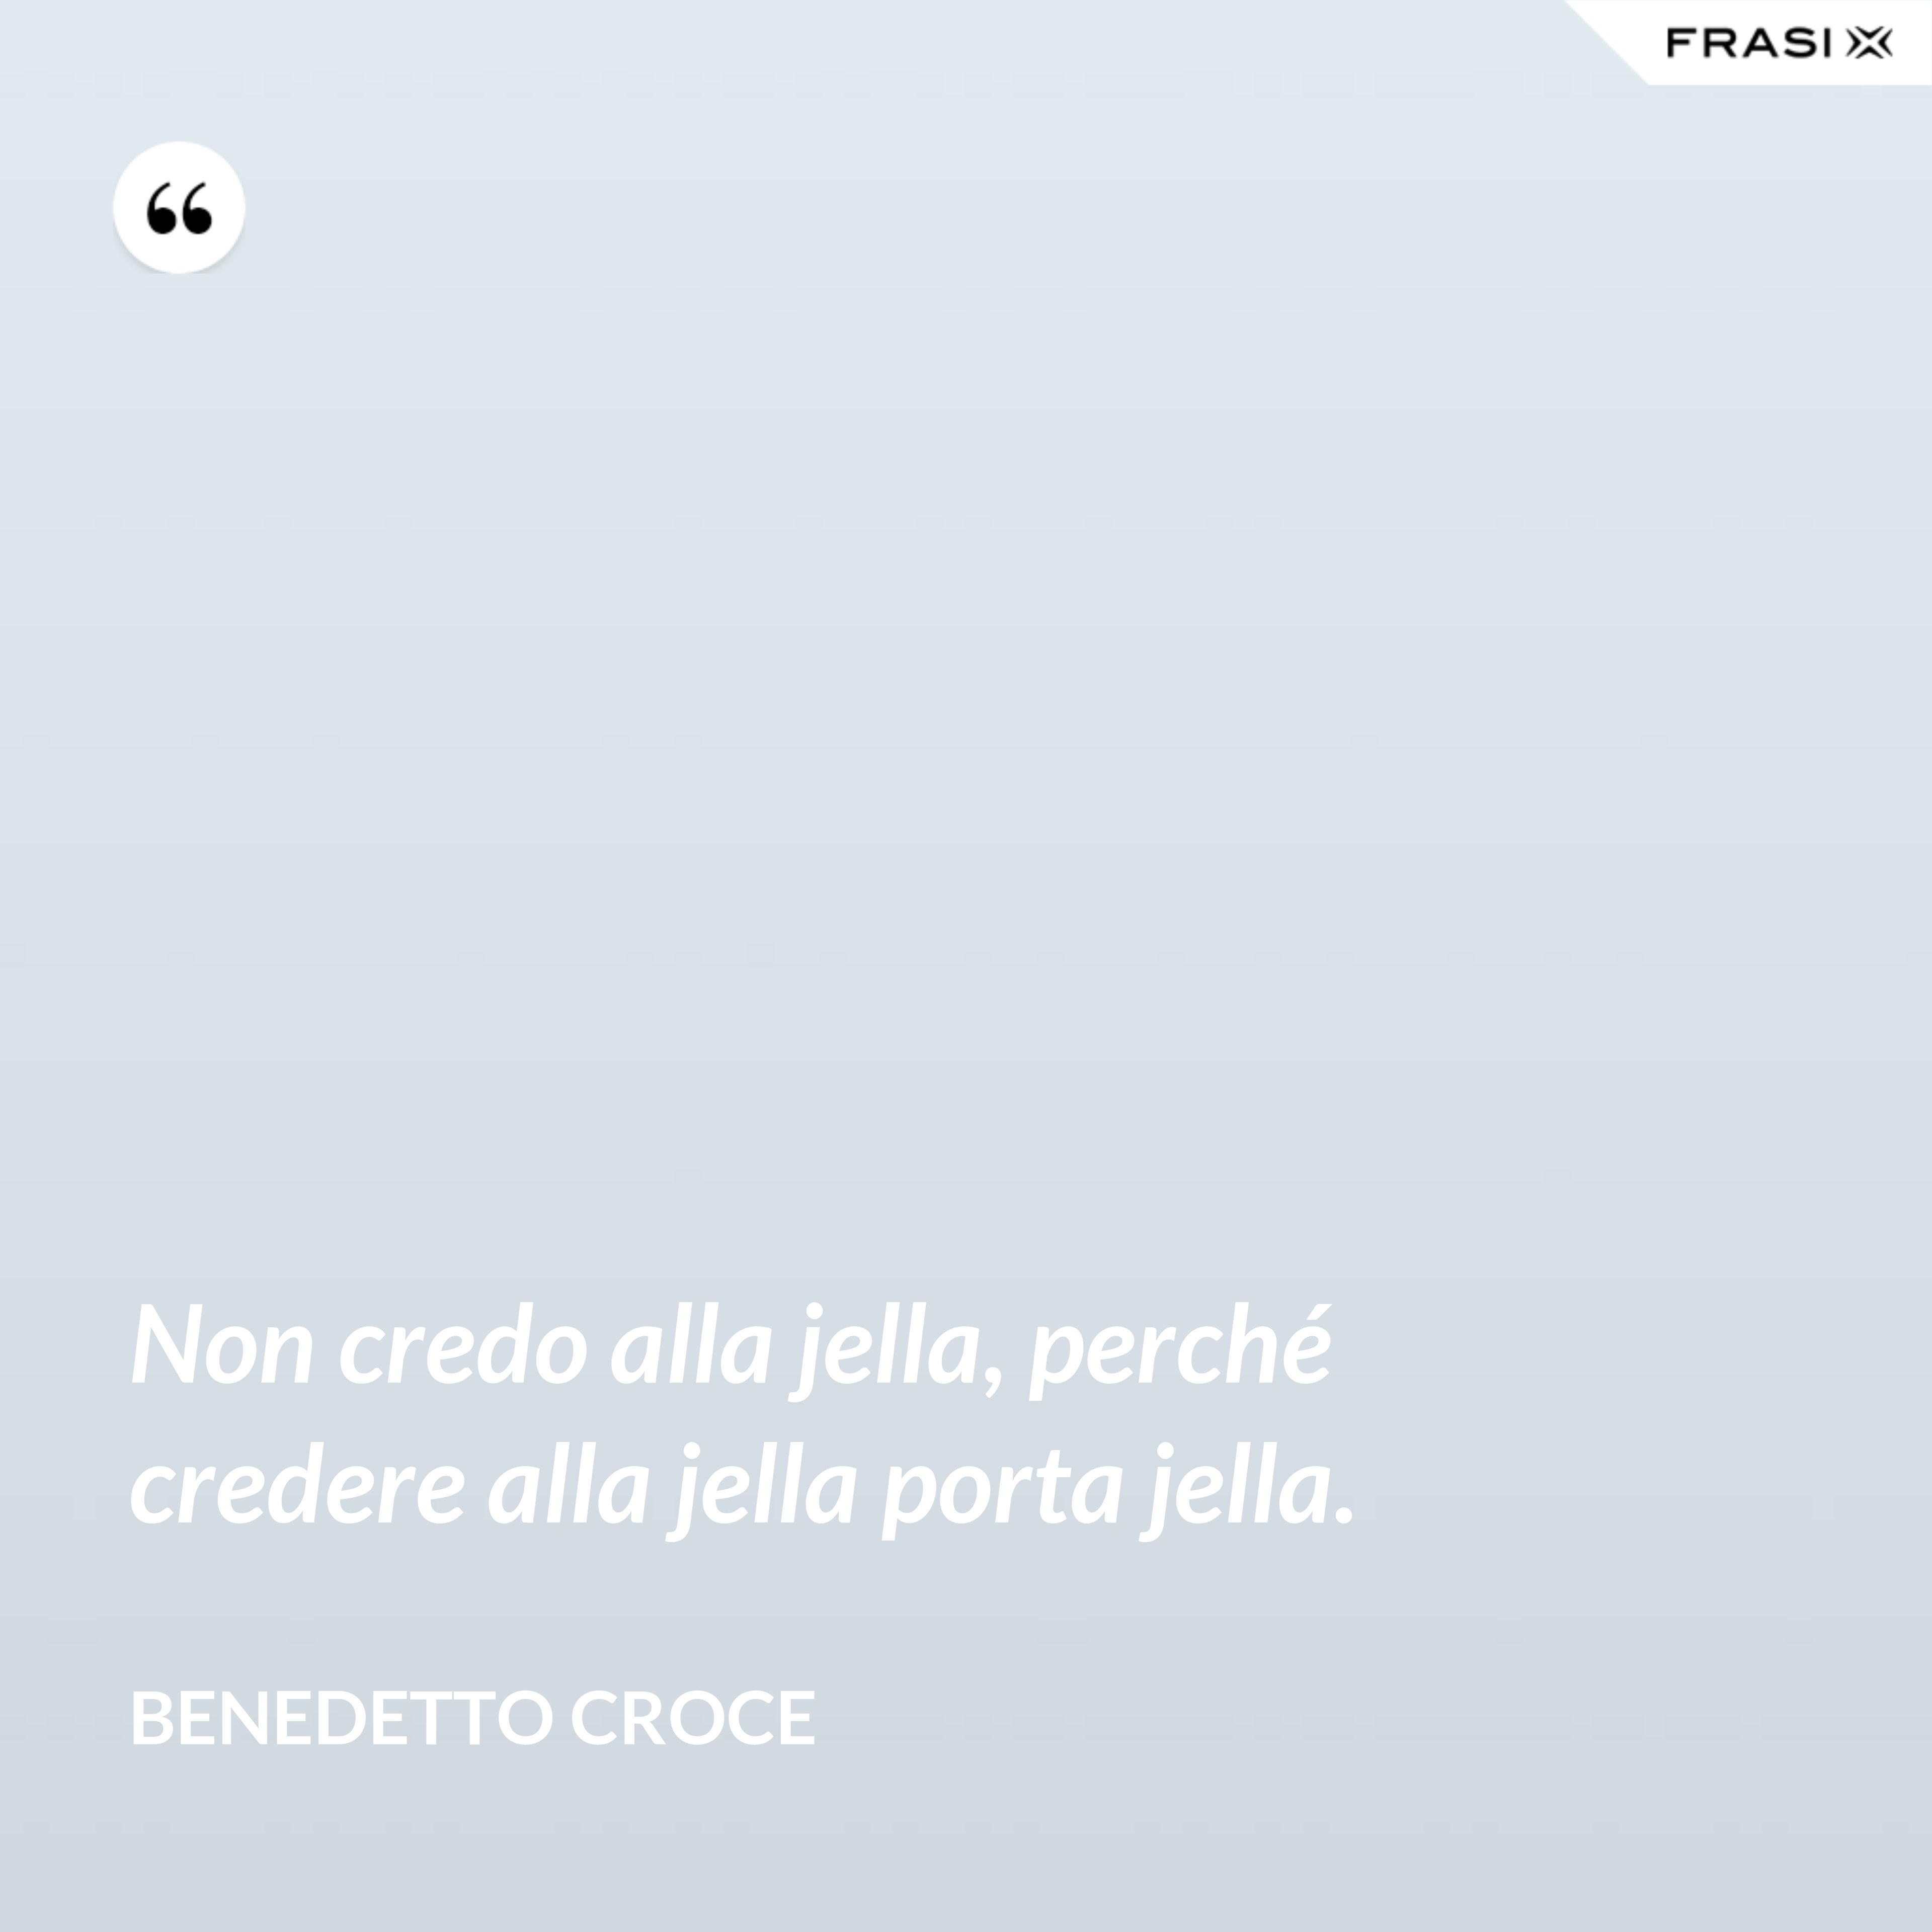 Non credo alla jella, perché credere alla jella porta jella. - Benedetto Croce